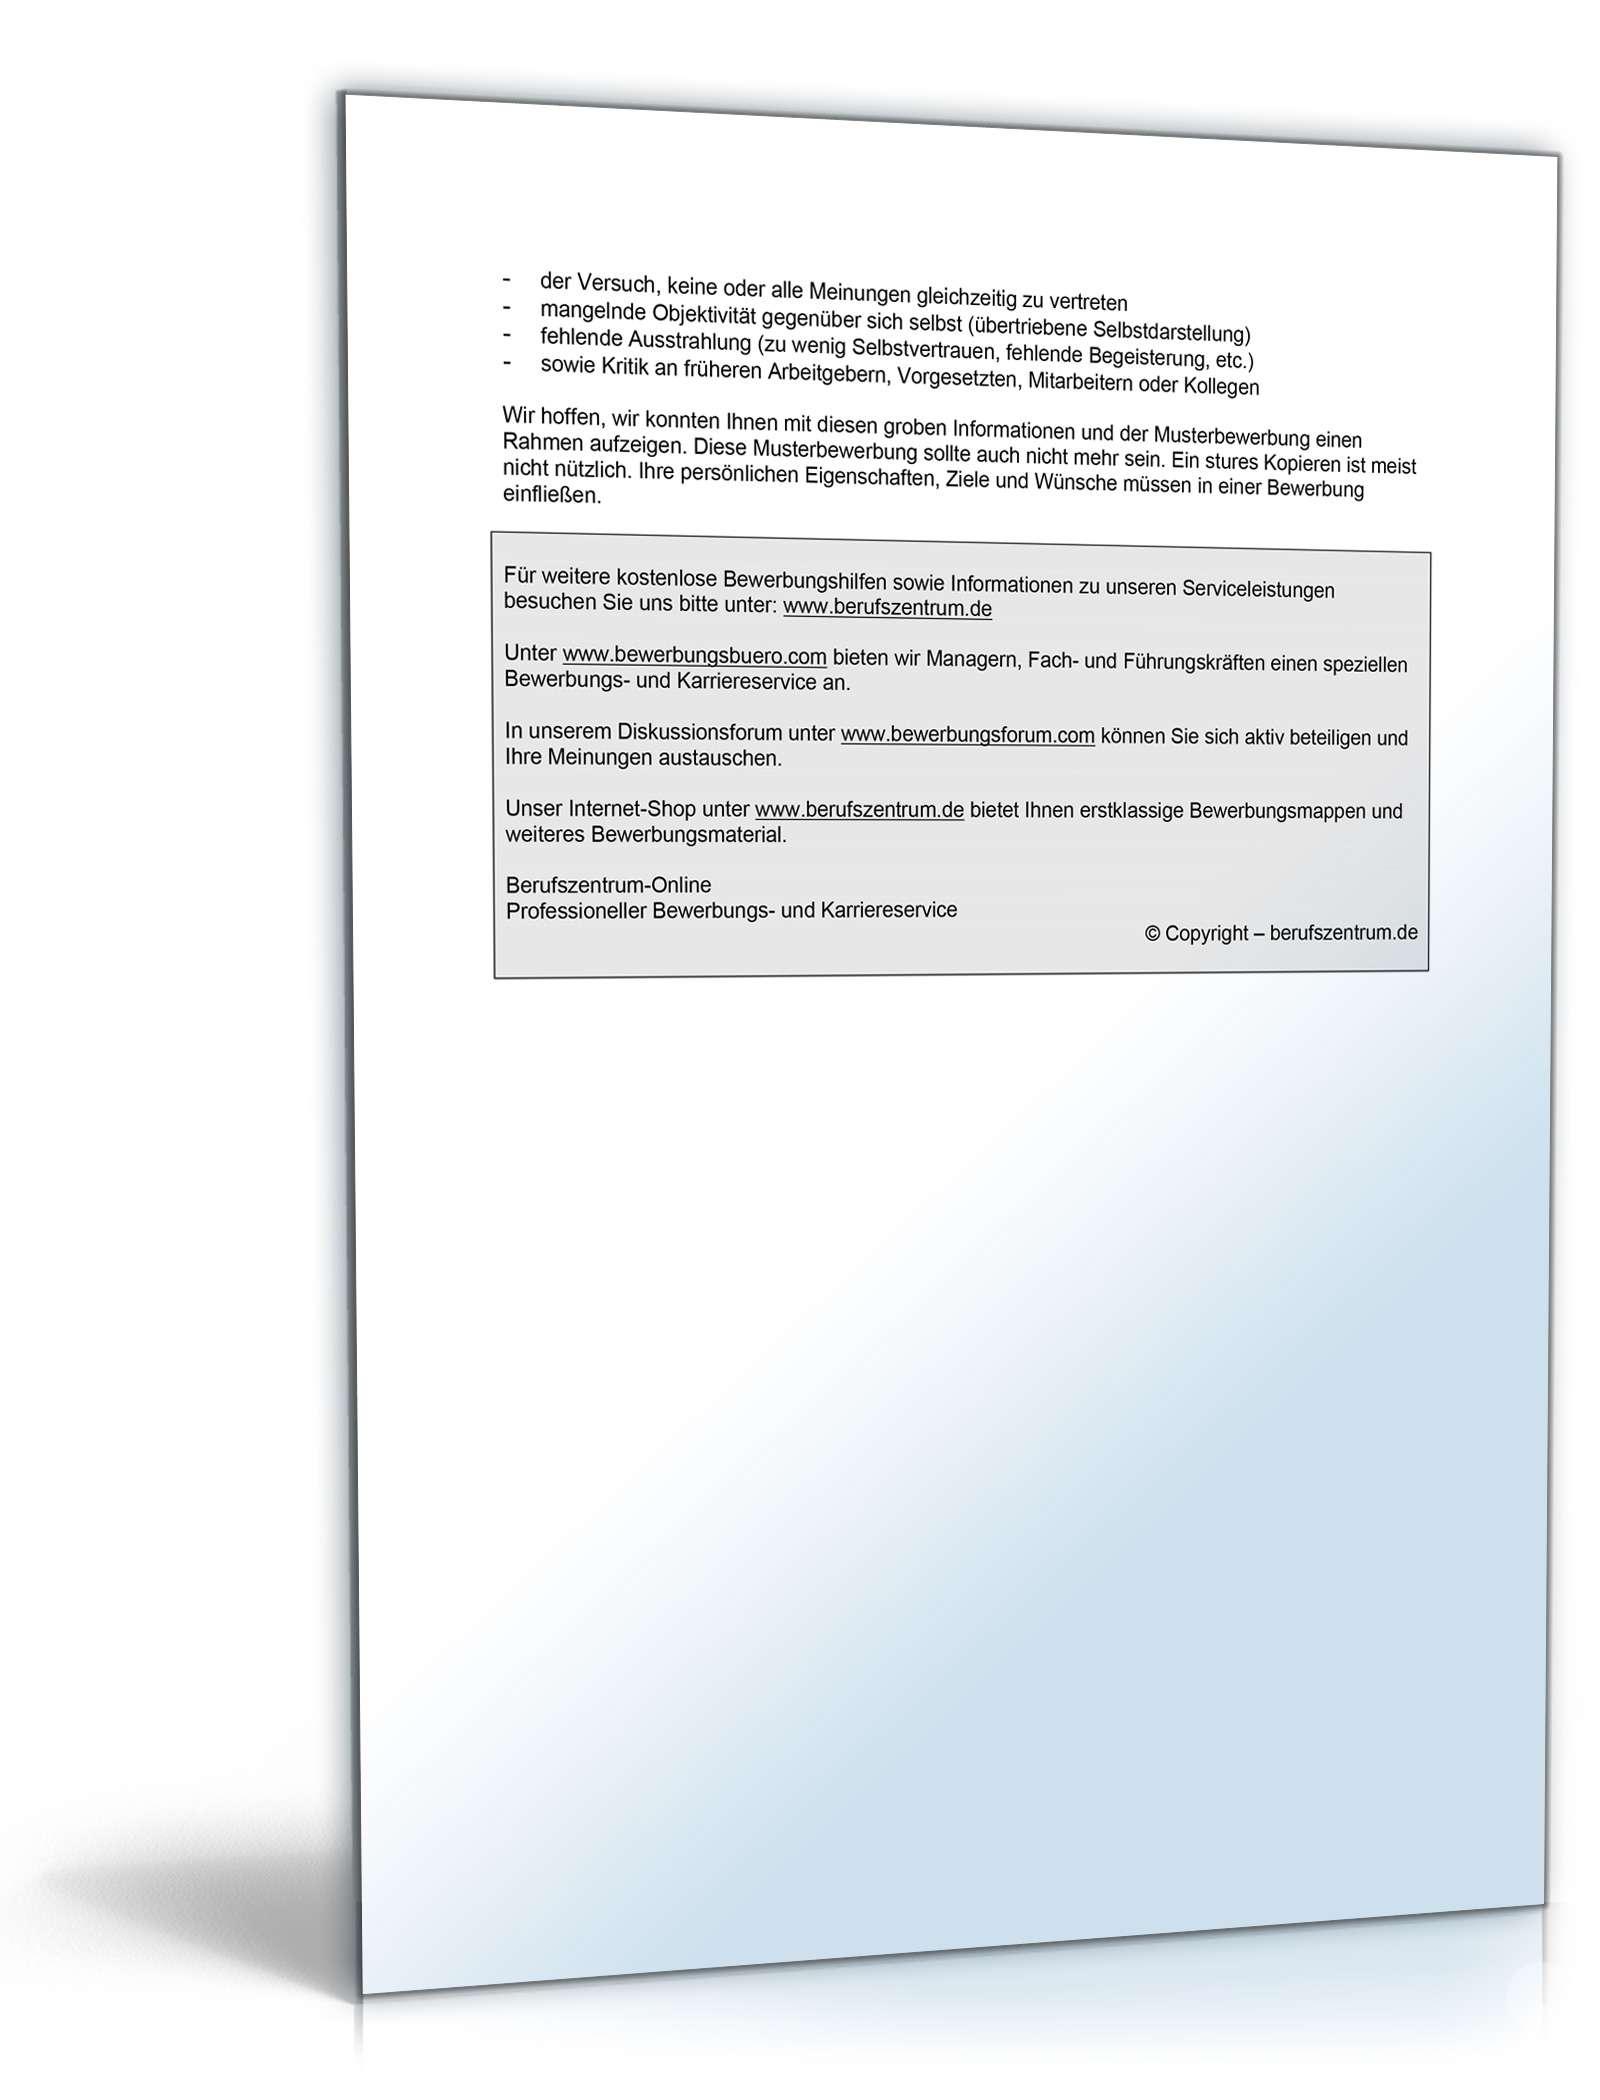 Charmant Chemie Lebenslauf Probe Galerie - Beispielzusammenfassung ...